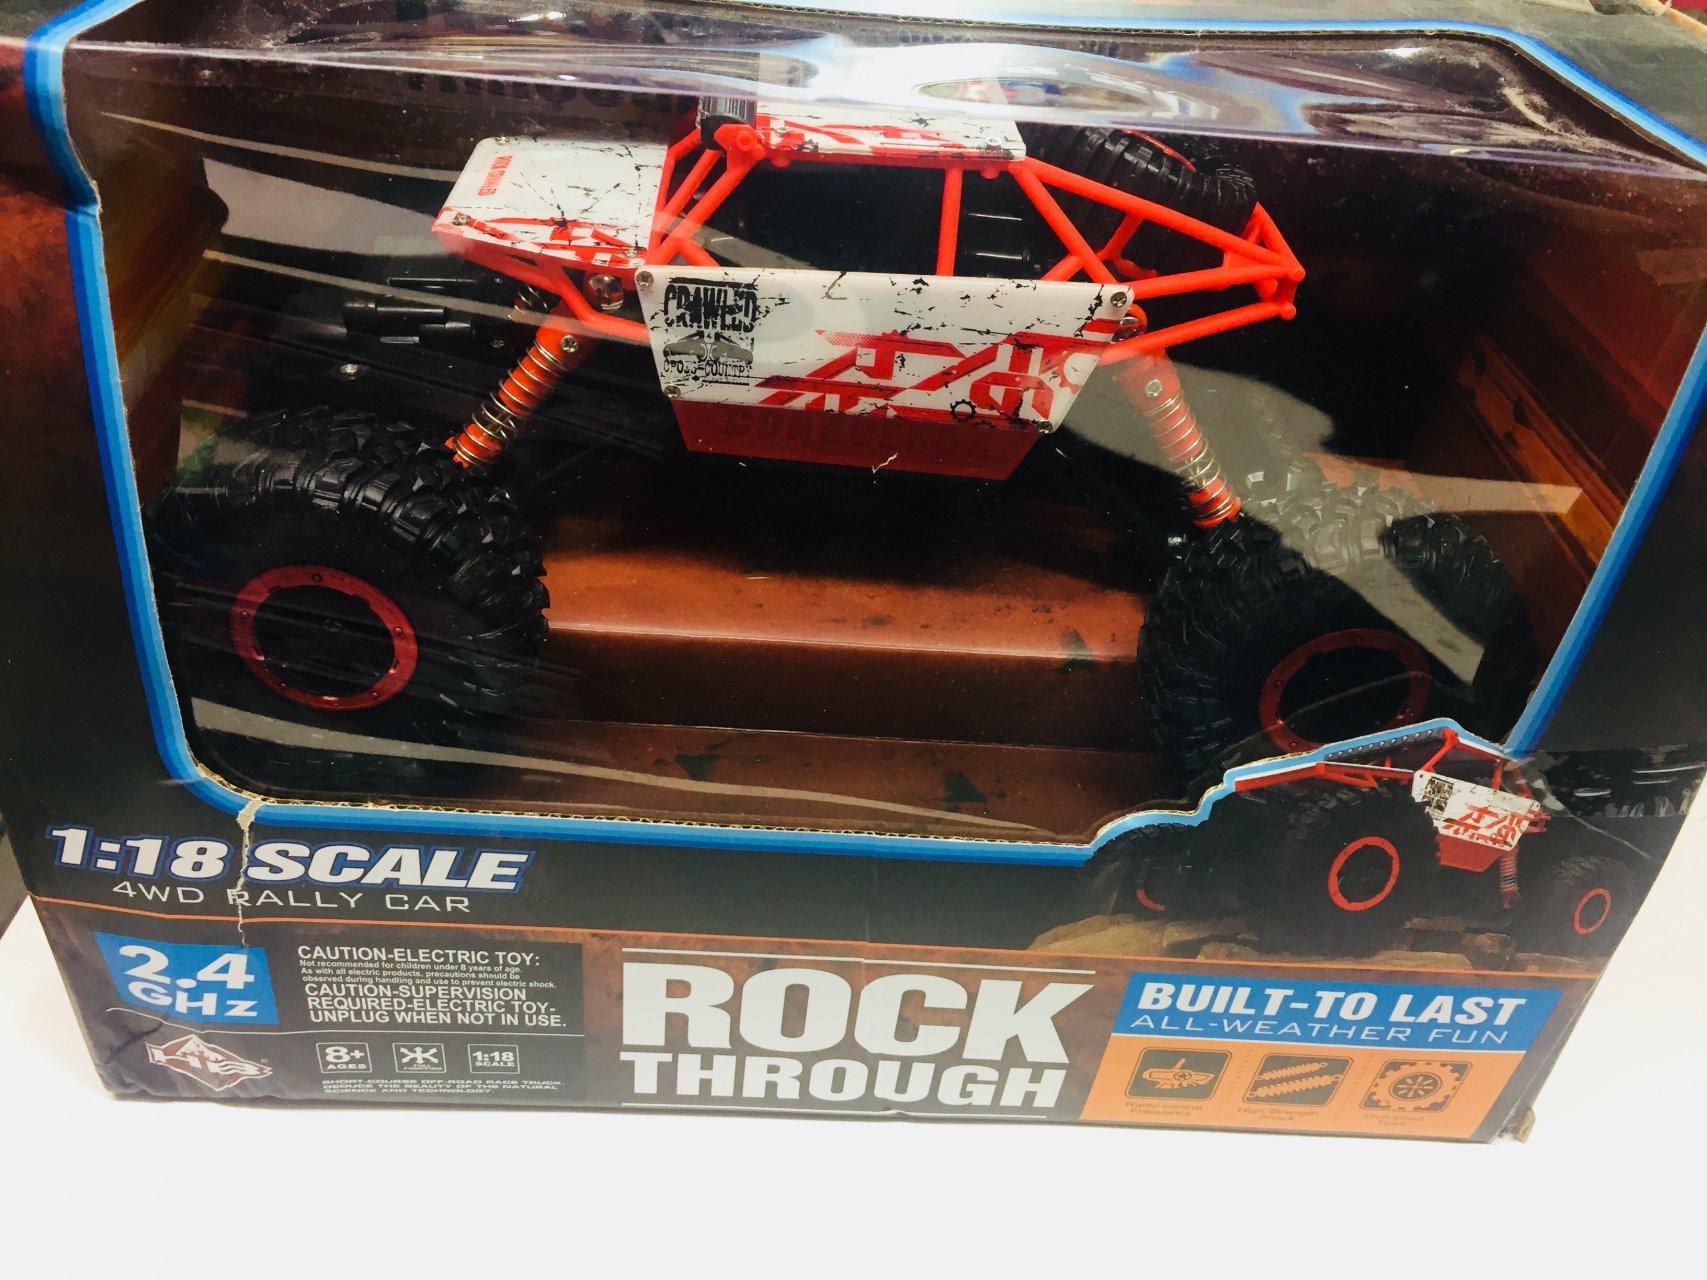 ماشین بازی کنترولی Rock